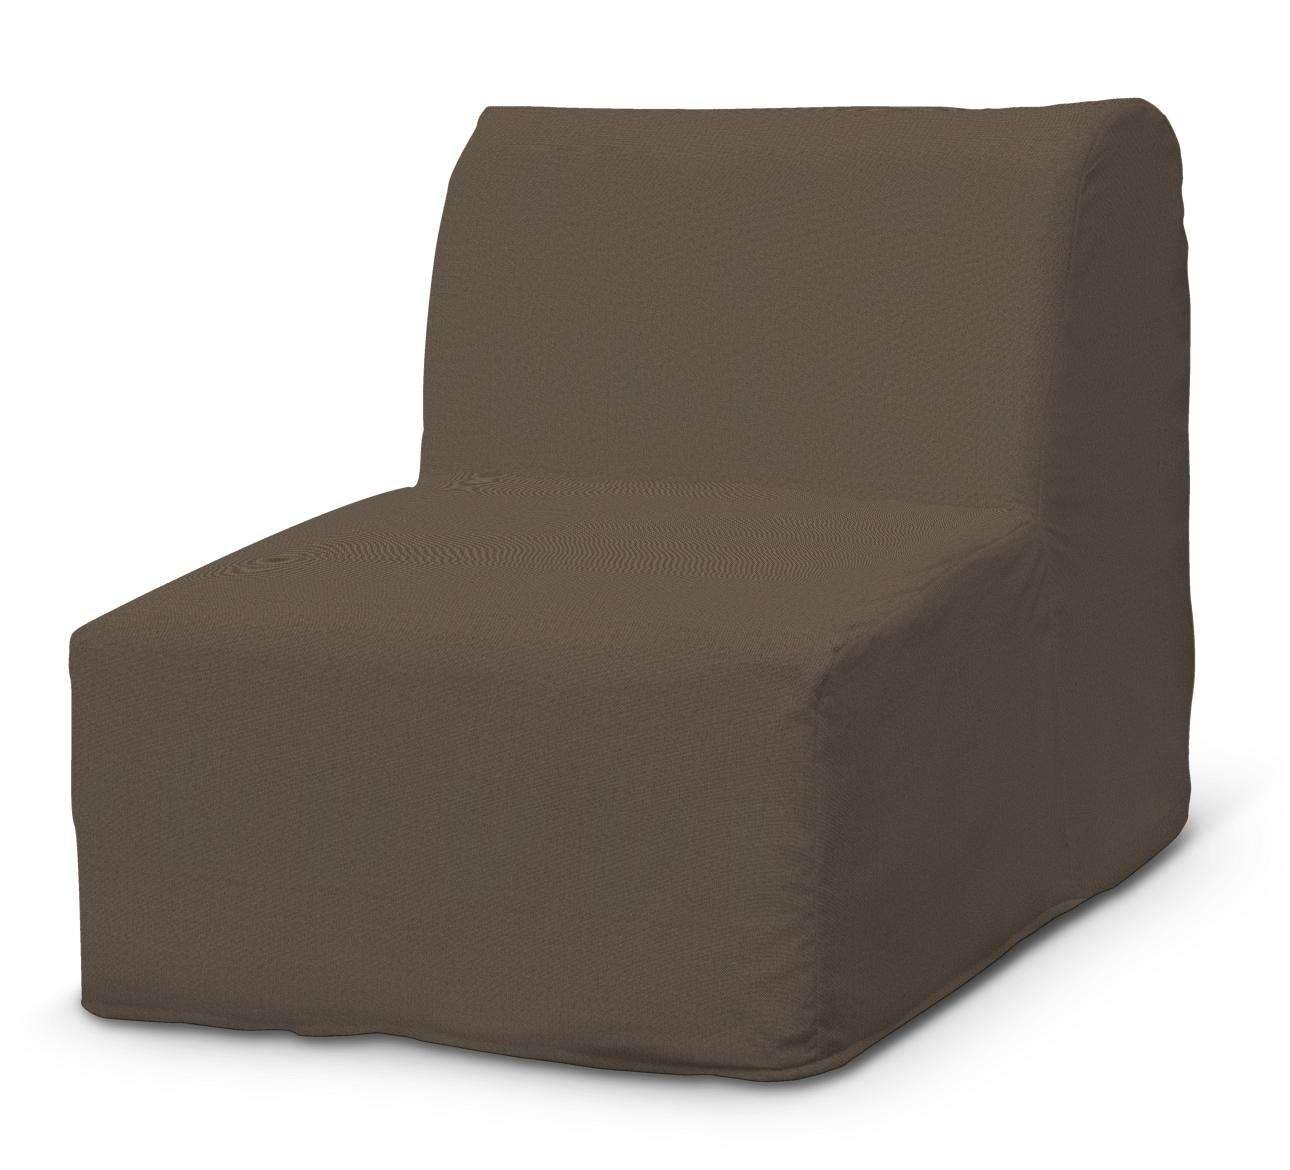 Lycksele Sesselbezug fotel Lycksele von der Kollektion Etna, Stoff: 705-08